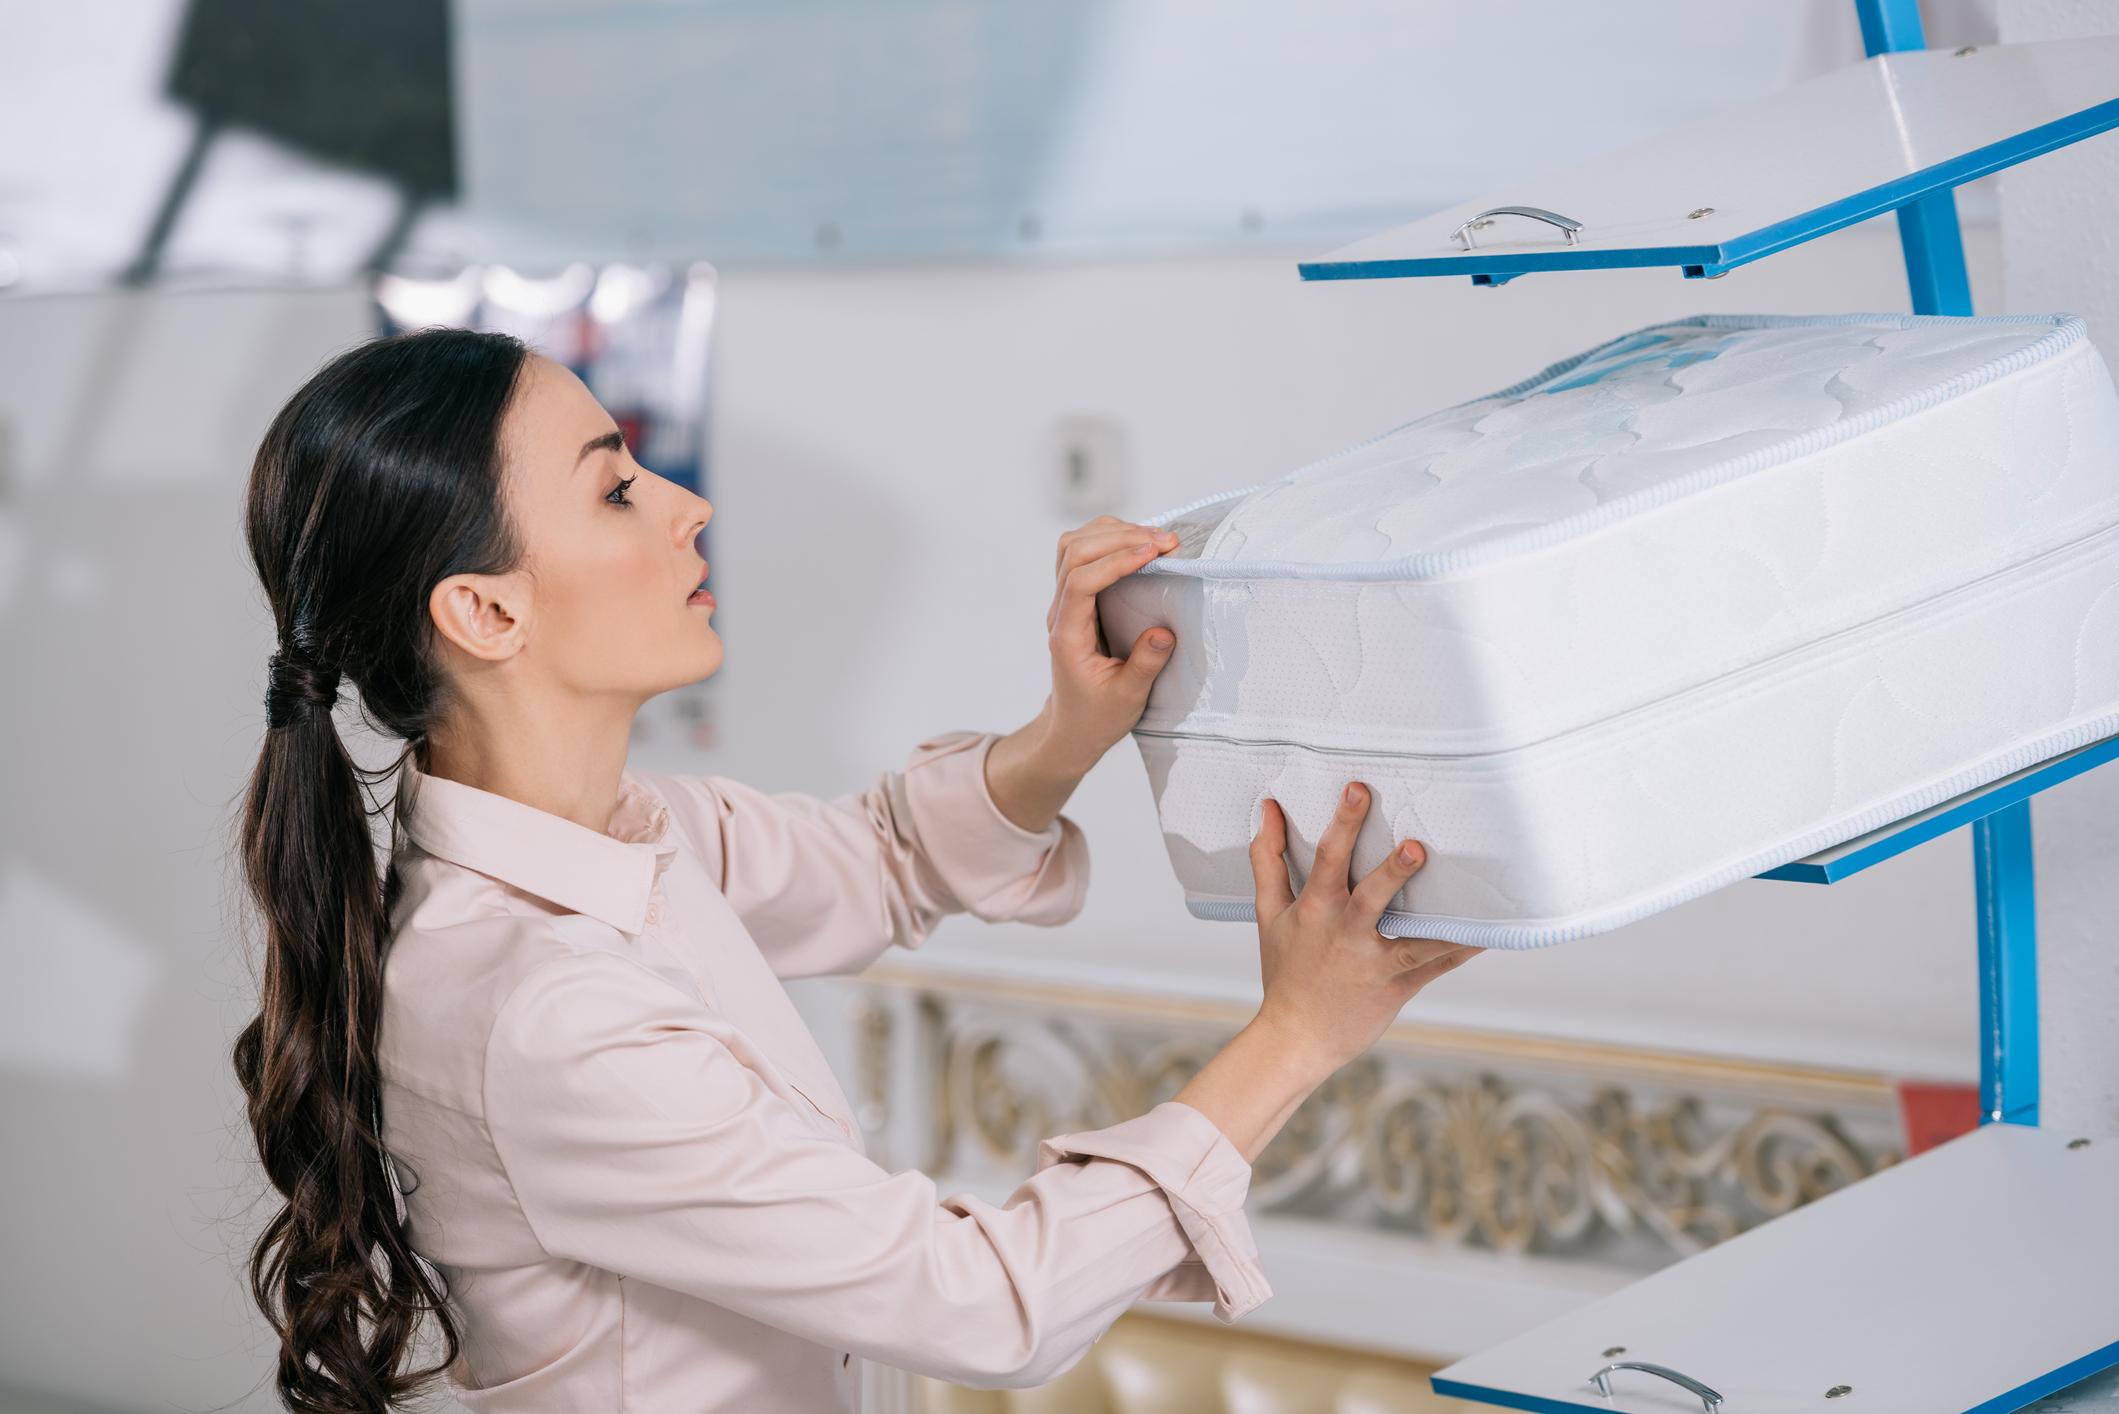 Woman shopping for mattress